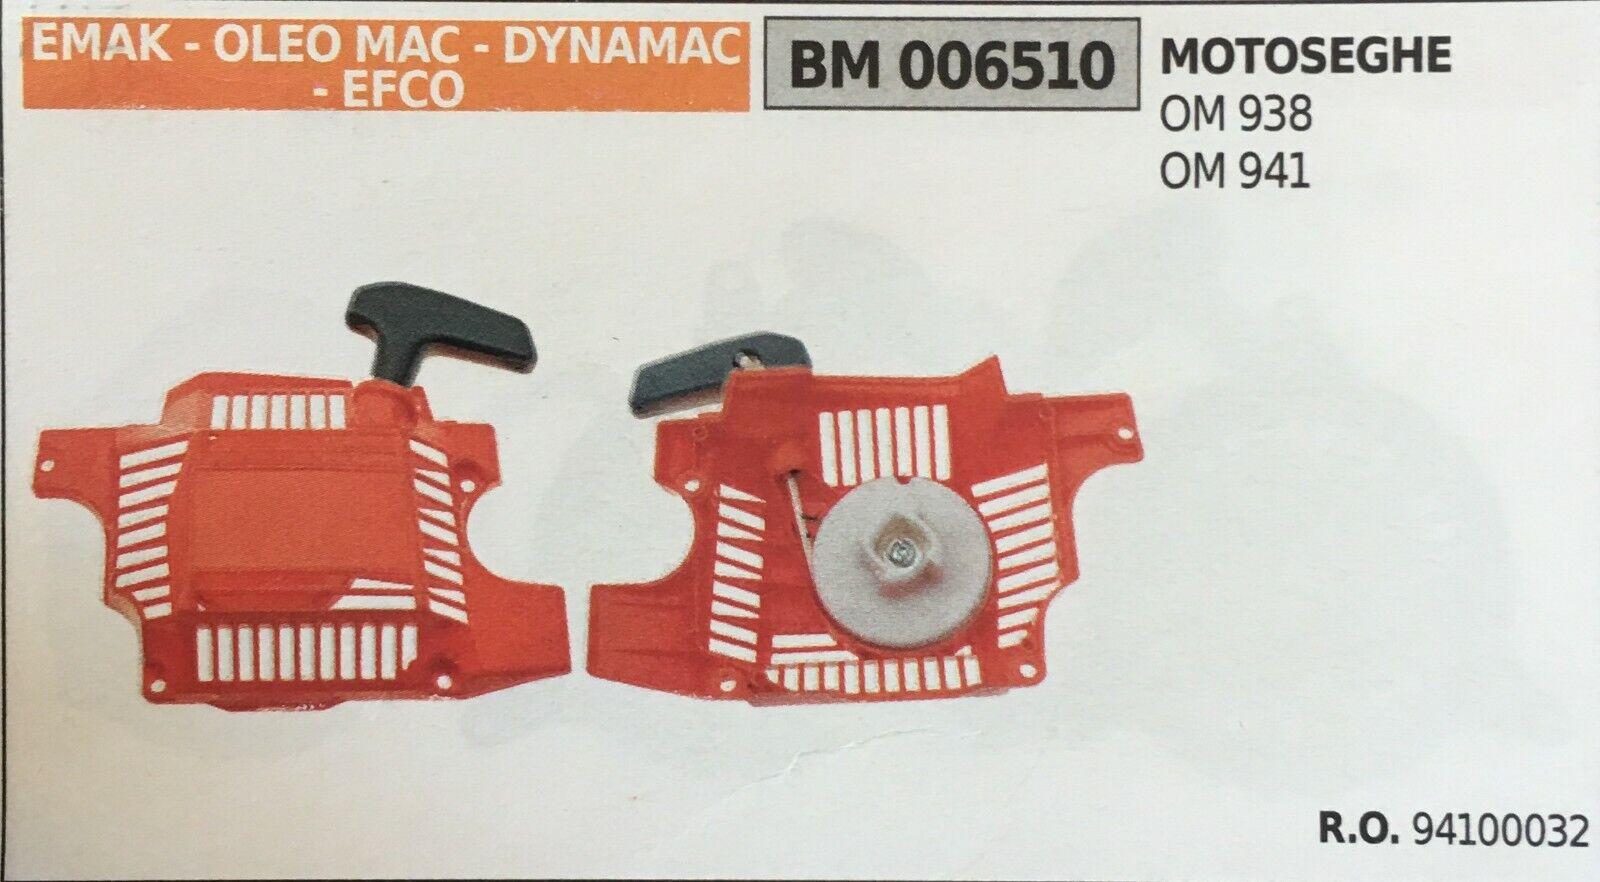 Arrancador de Completo Brumar Emak - Oleo Mac -Dynamac- Efco BM006510